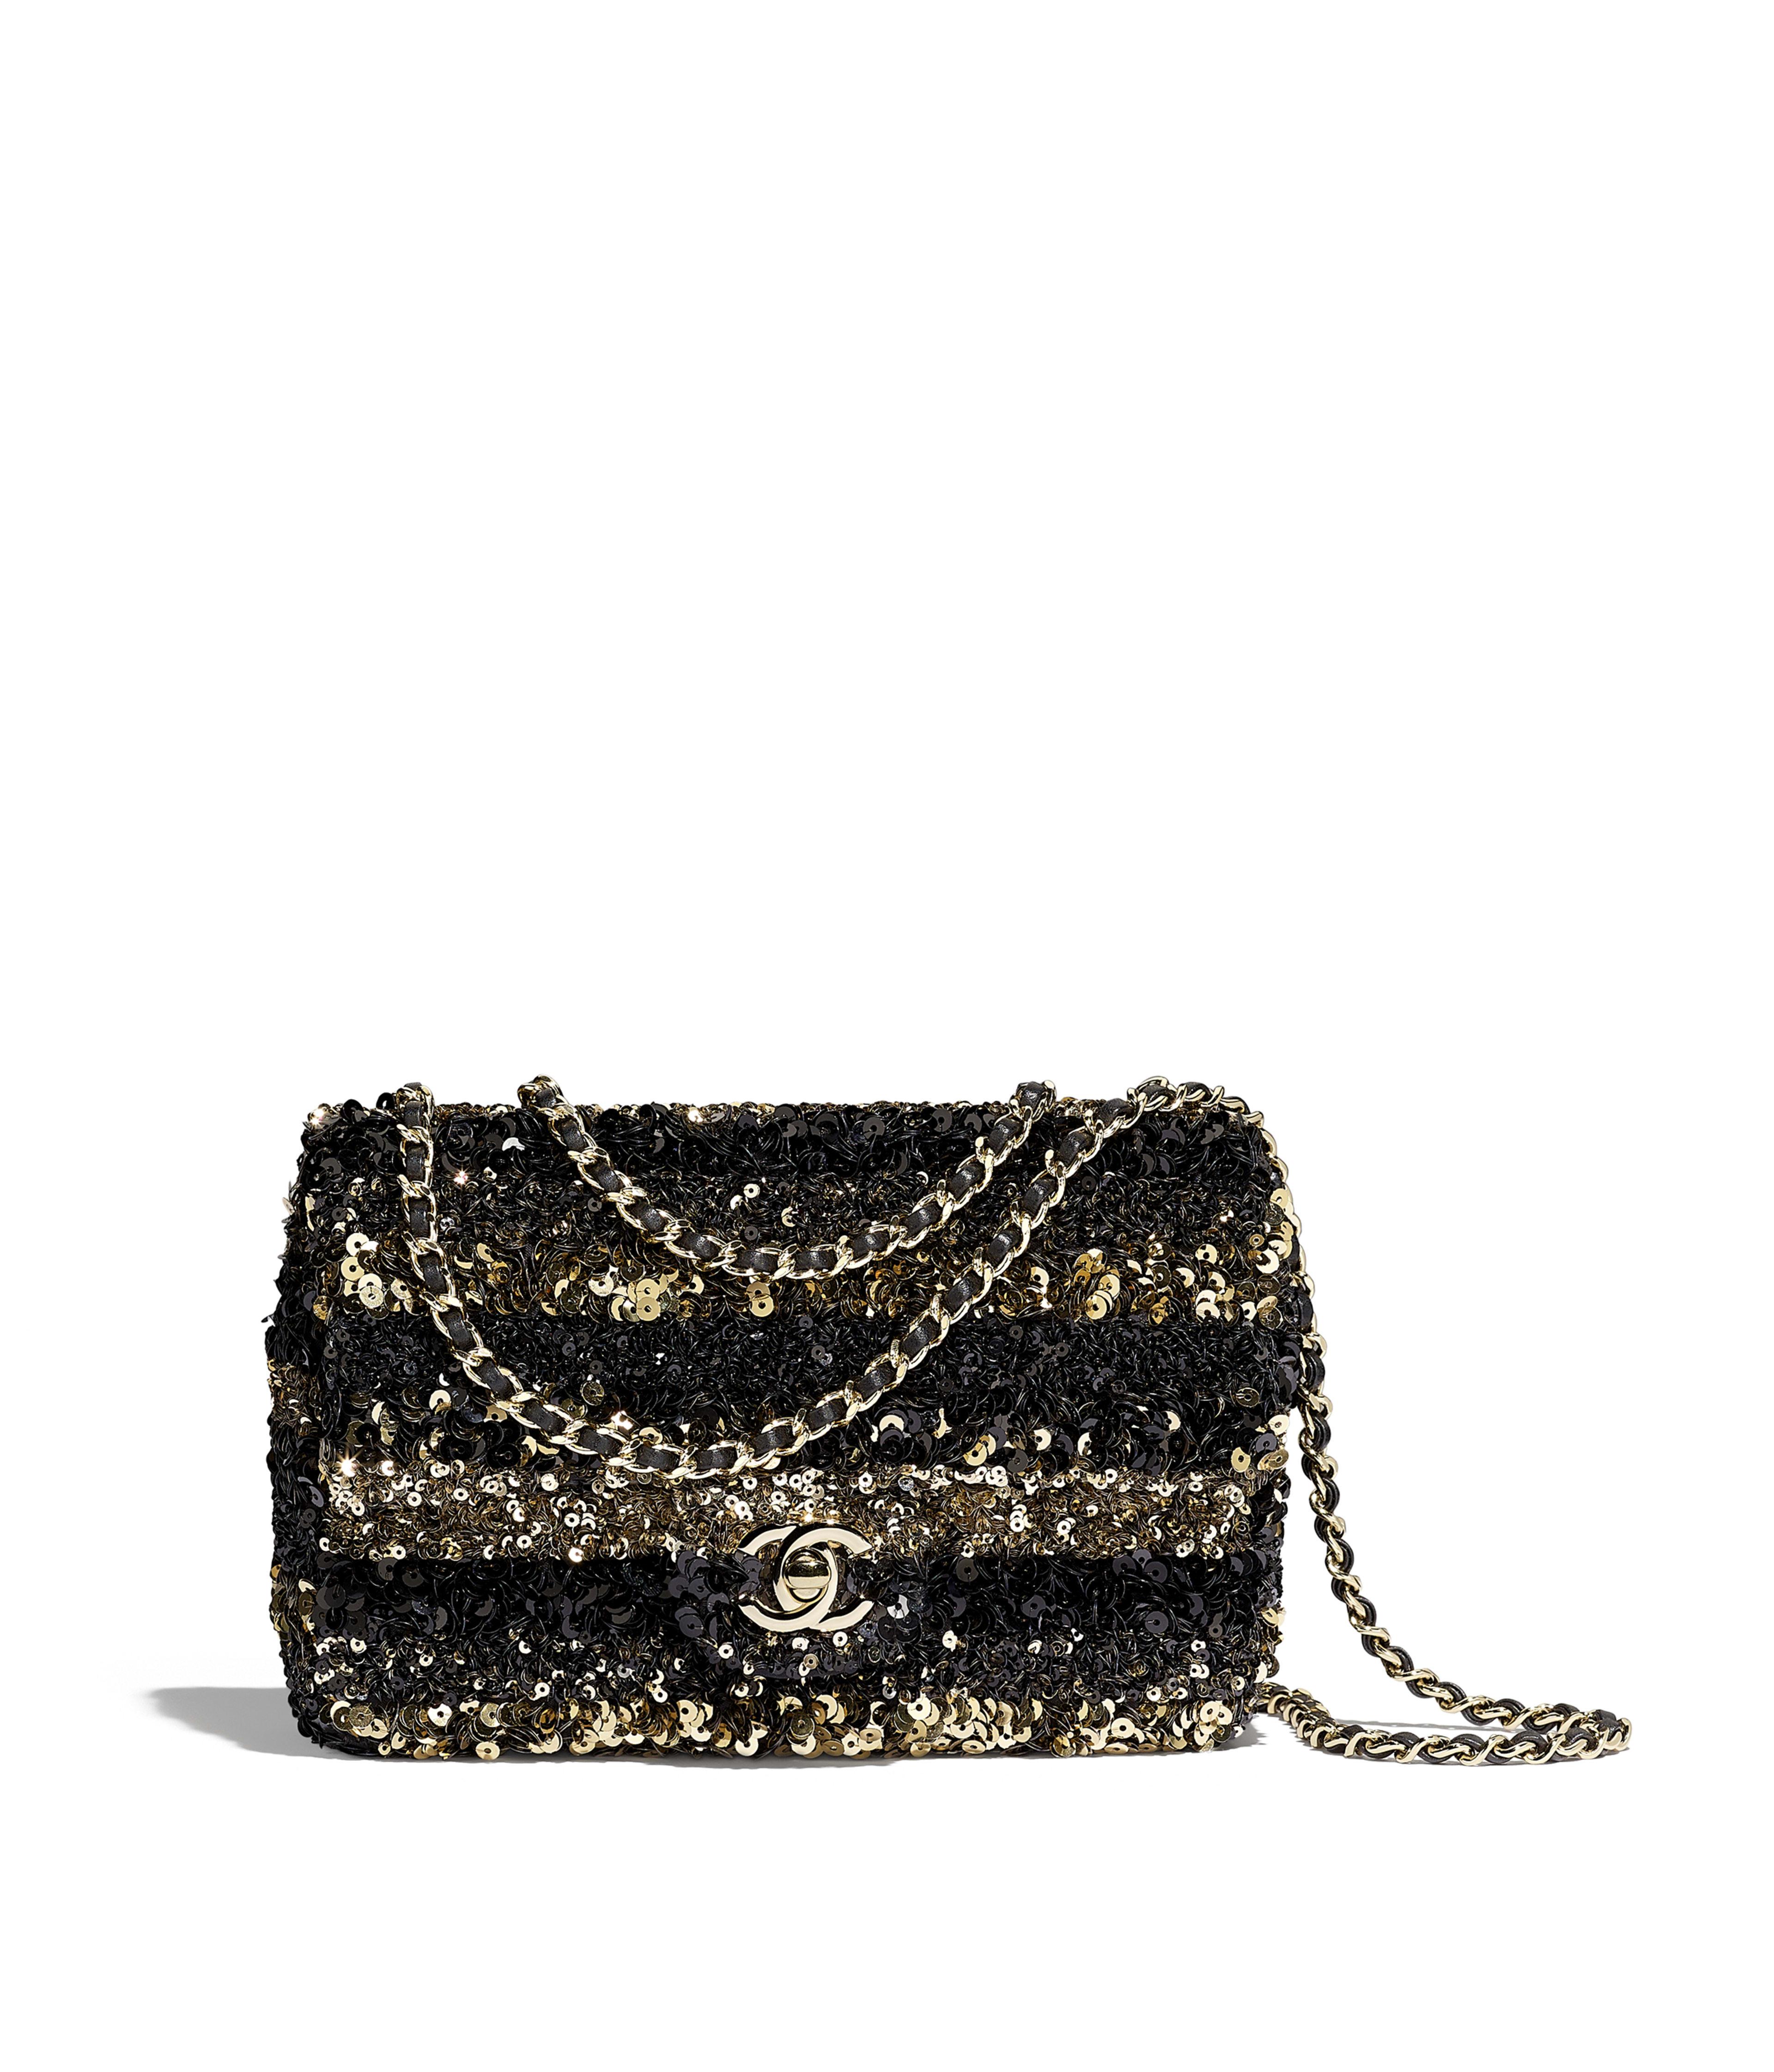 Flap Bag Sequins Gold Tone Metal Black Ref As0195y84167c9368